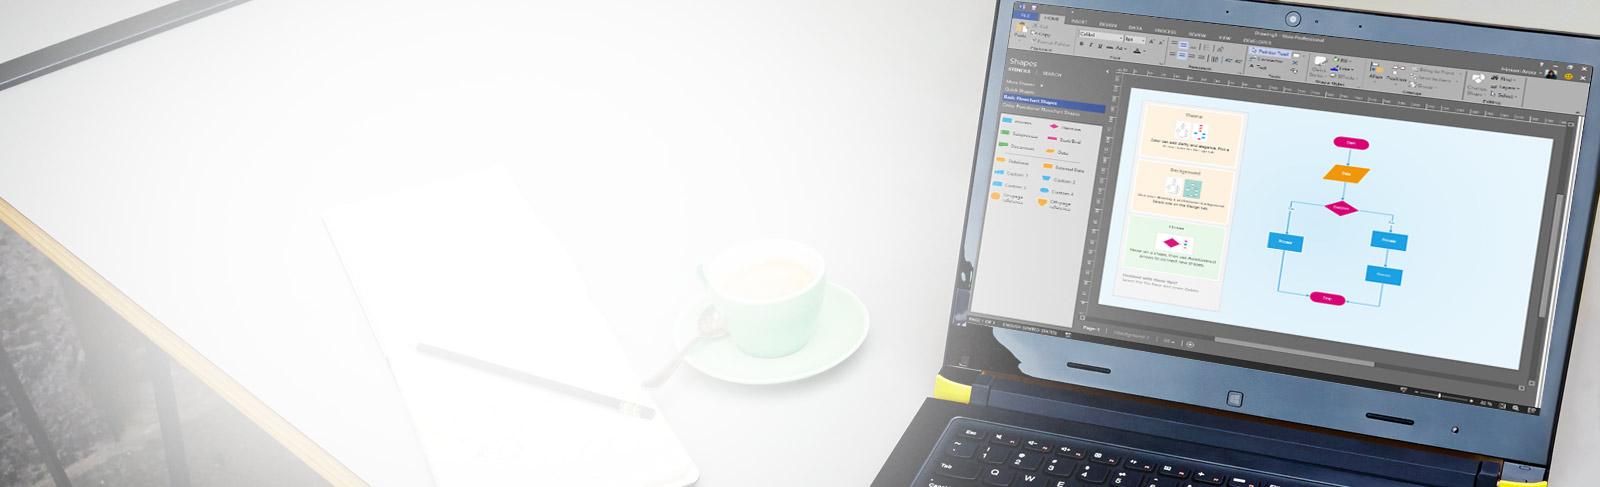 Primer plano de un portátil en una mesa, mostrando un diagrama de Visio con la cinta y el panel de edición.